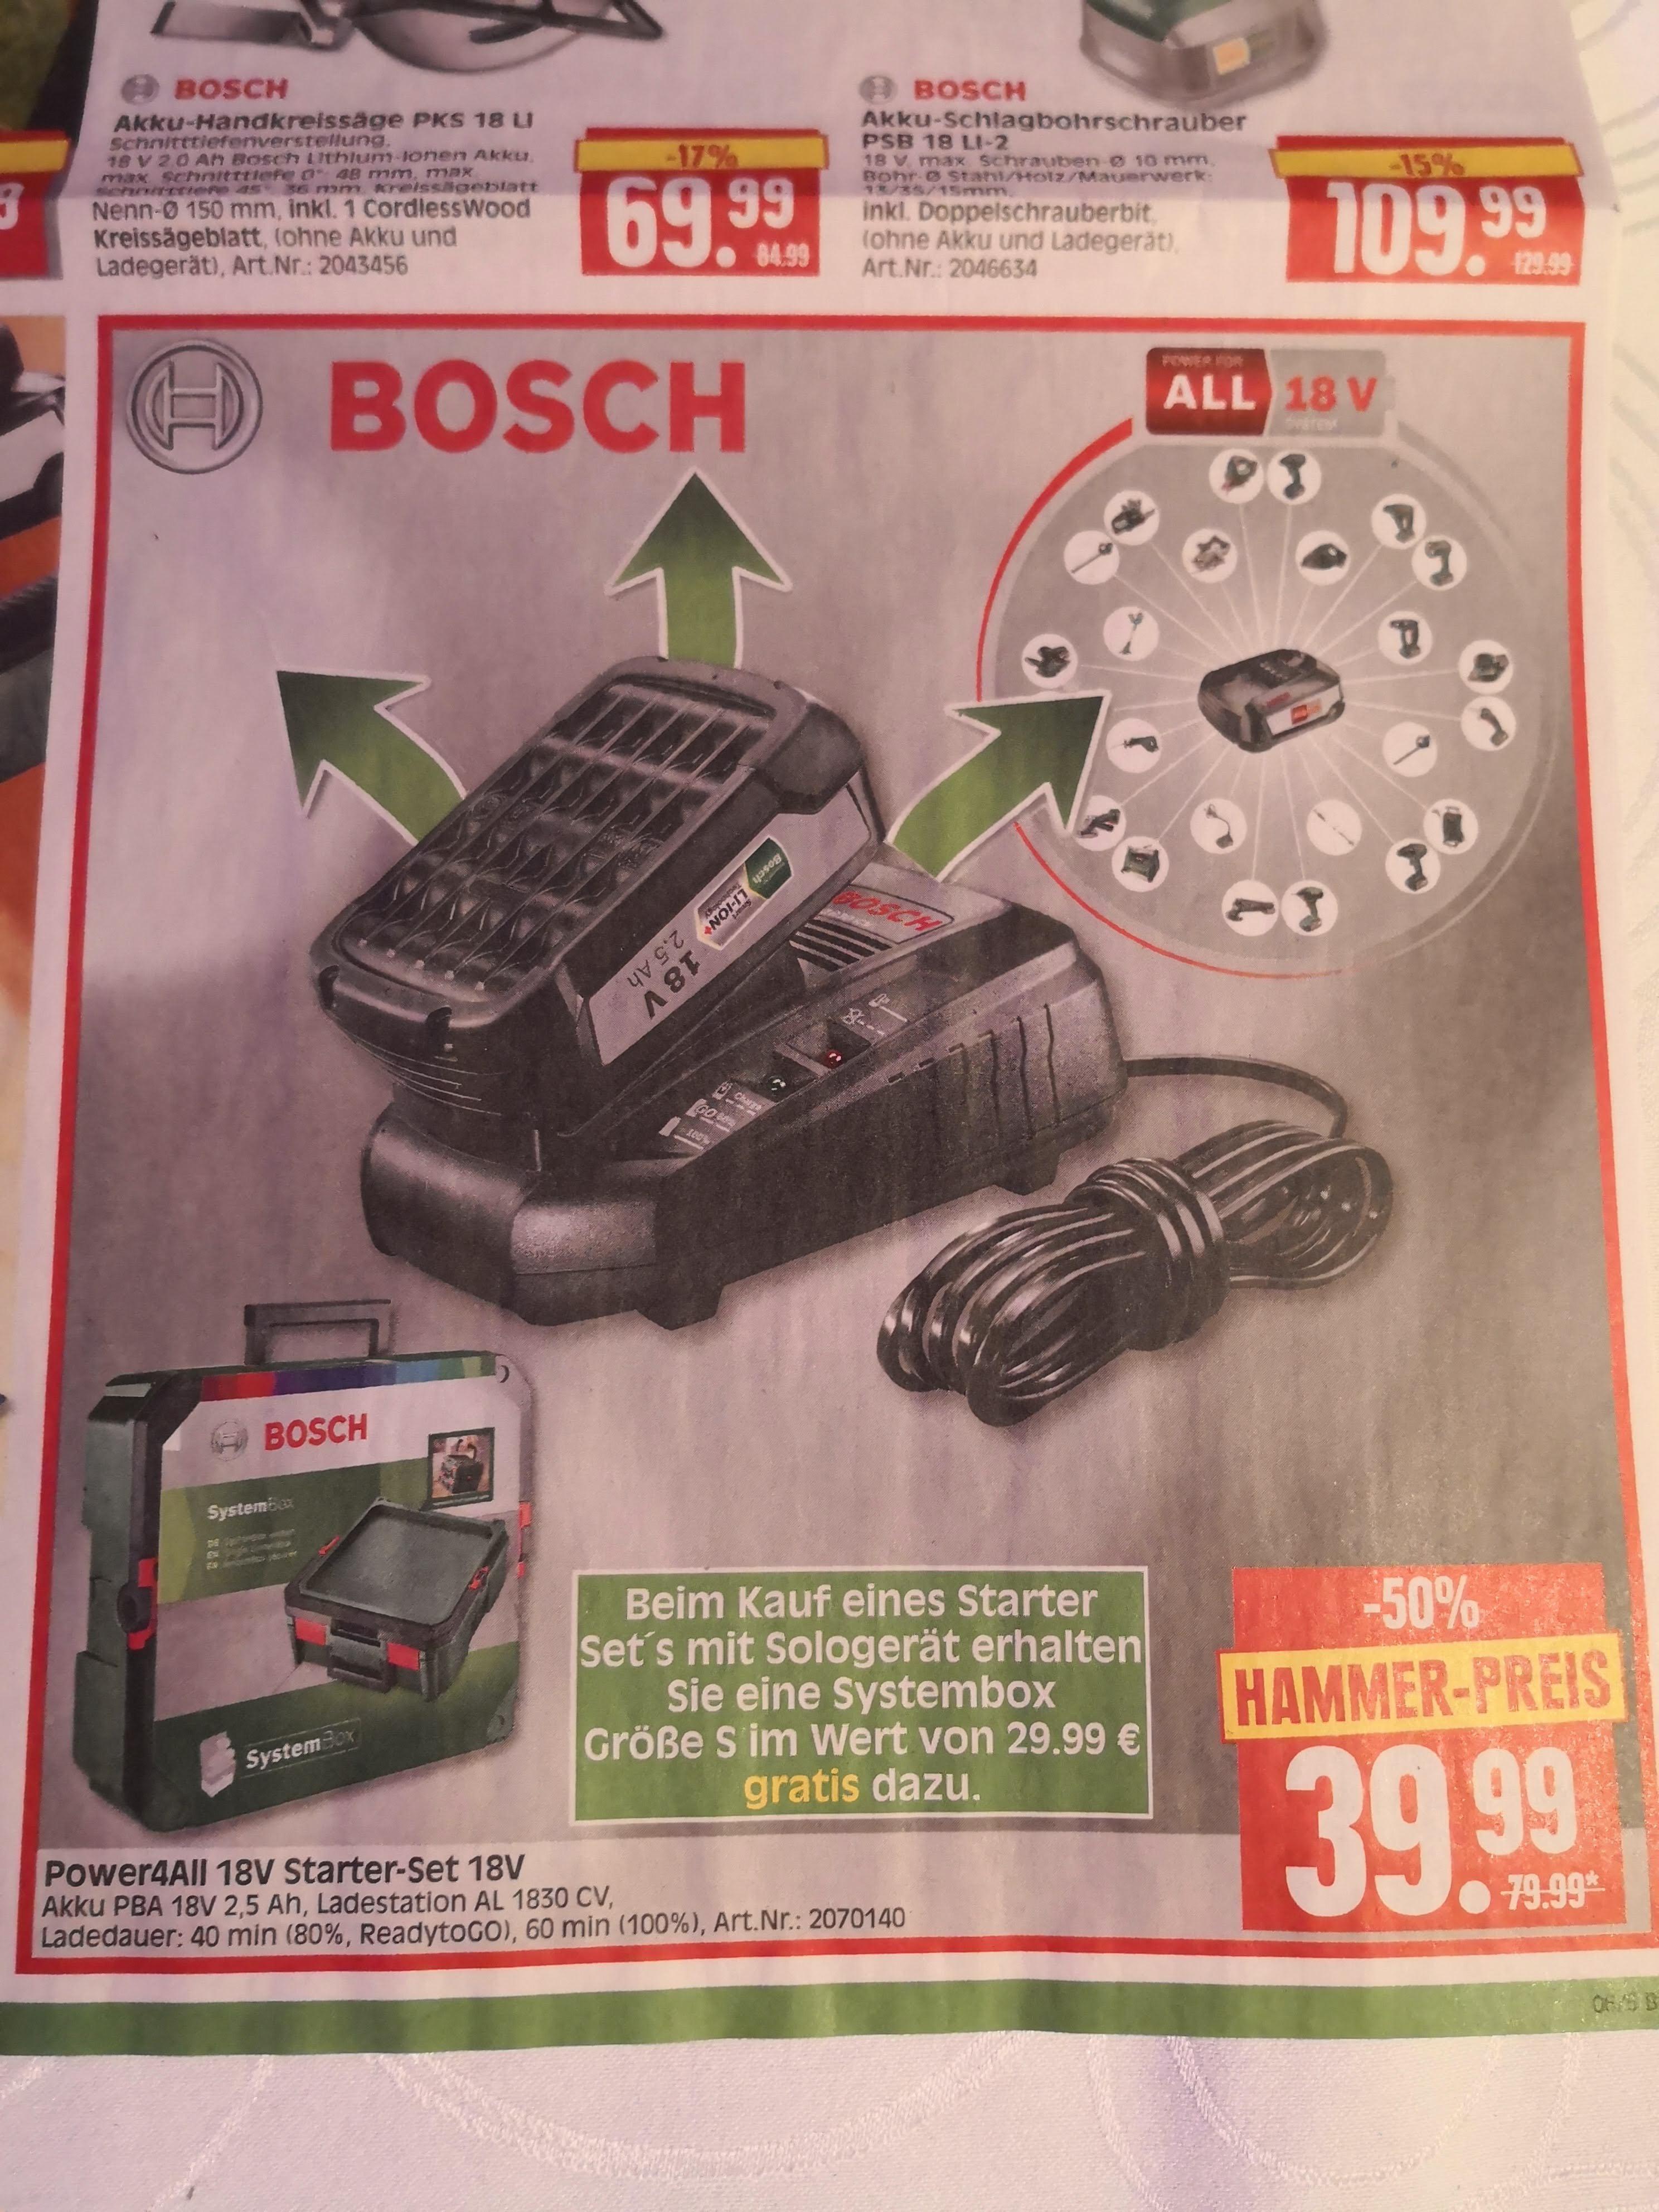 Bosch 18V 2,5AH Starterset Power4All @ Herkules Baumarkt